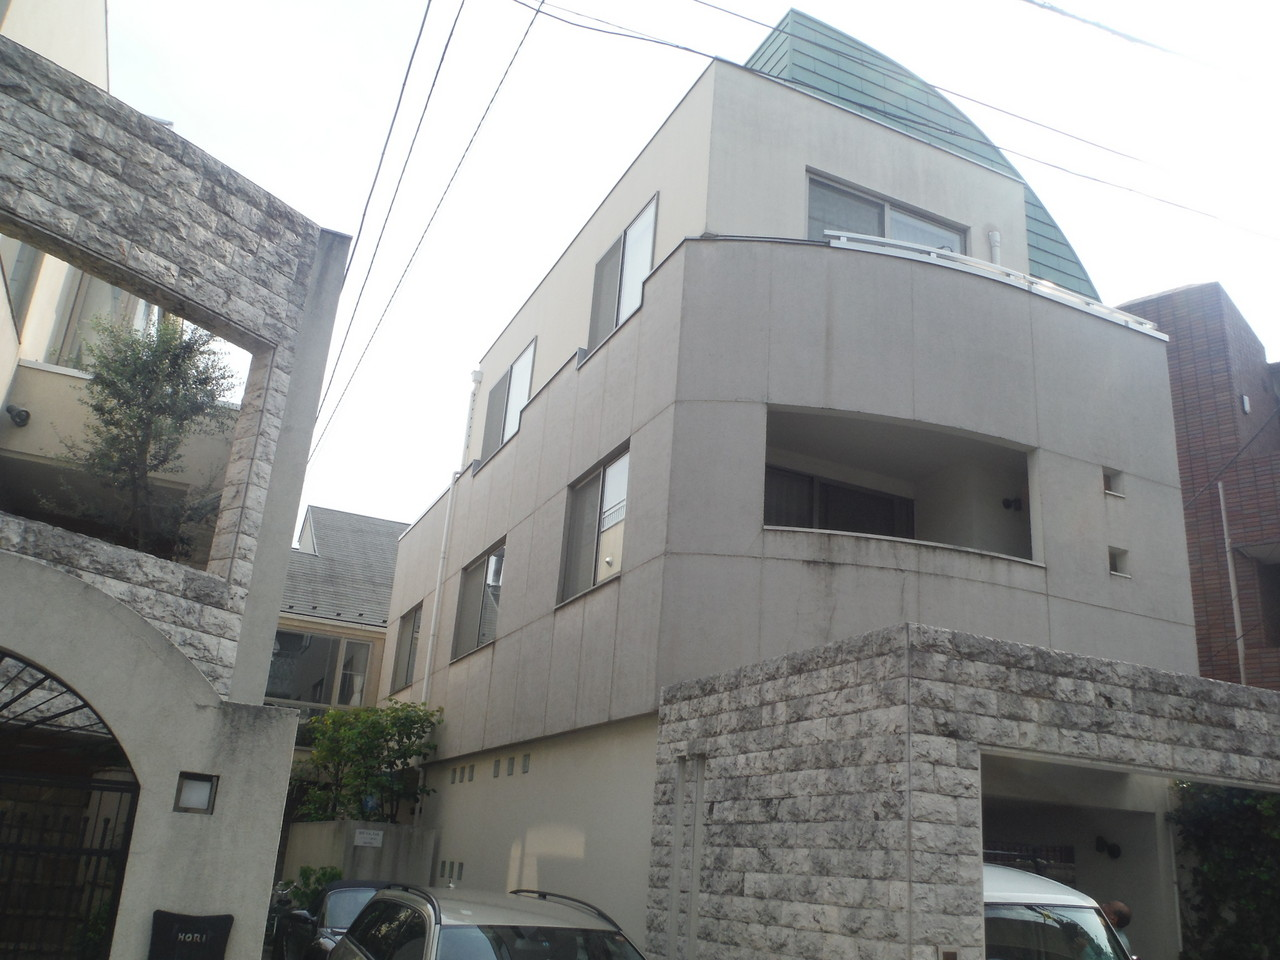 渋谷区内戸建住宅塗装工事